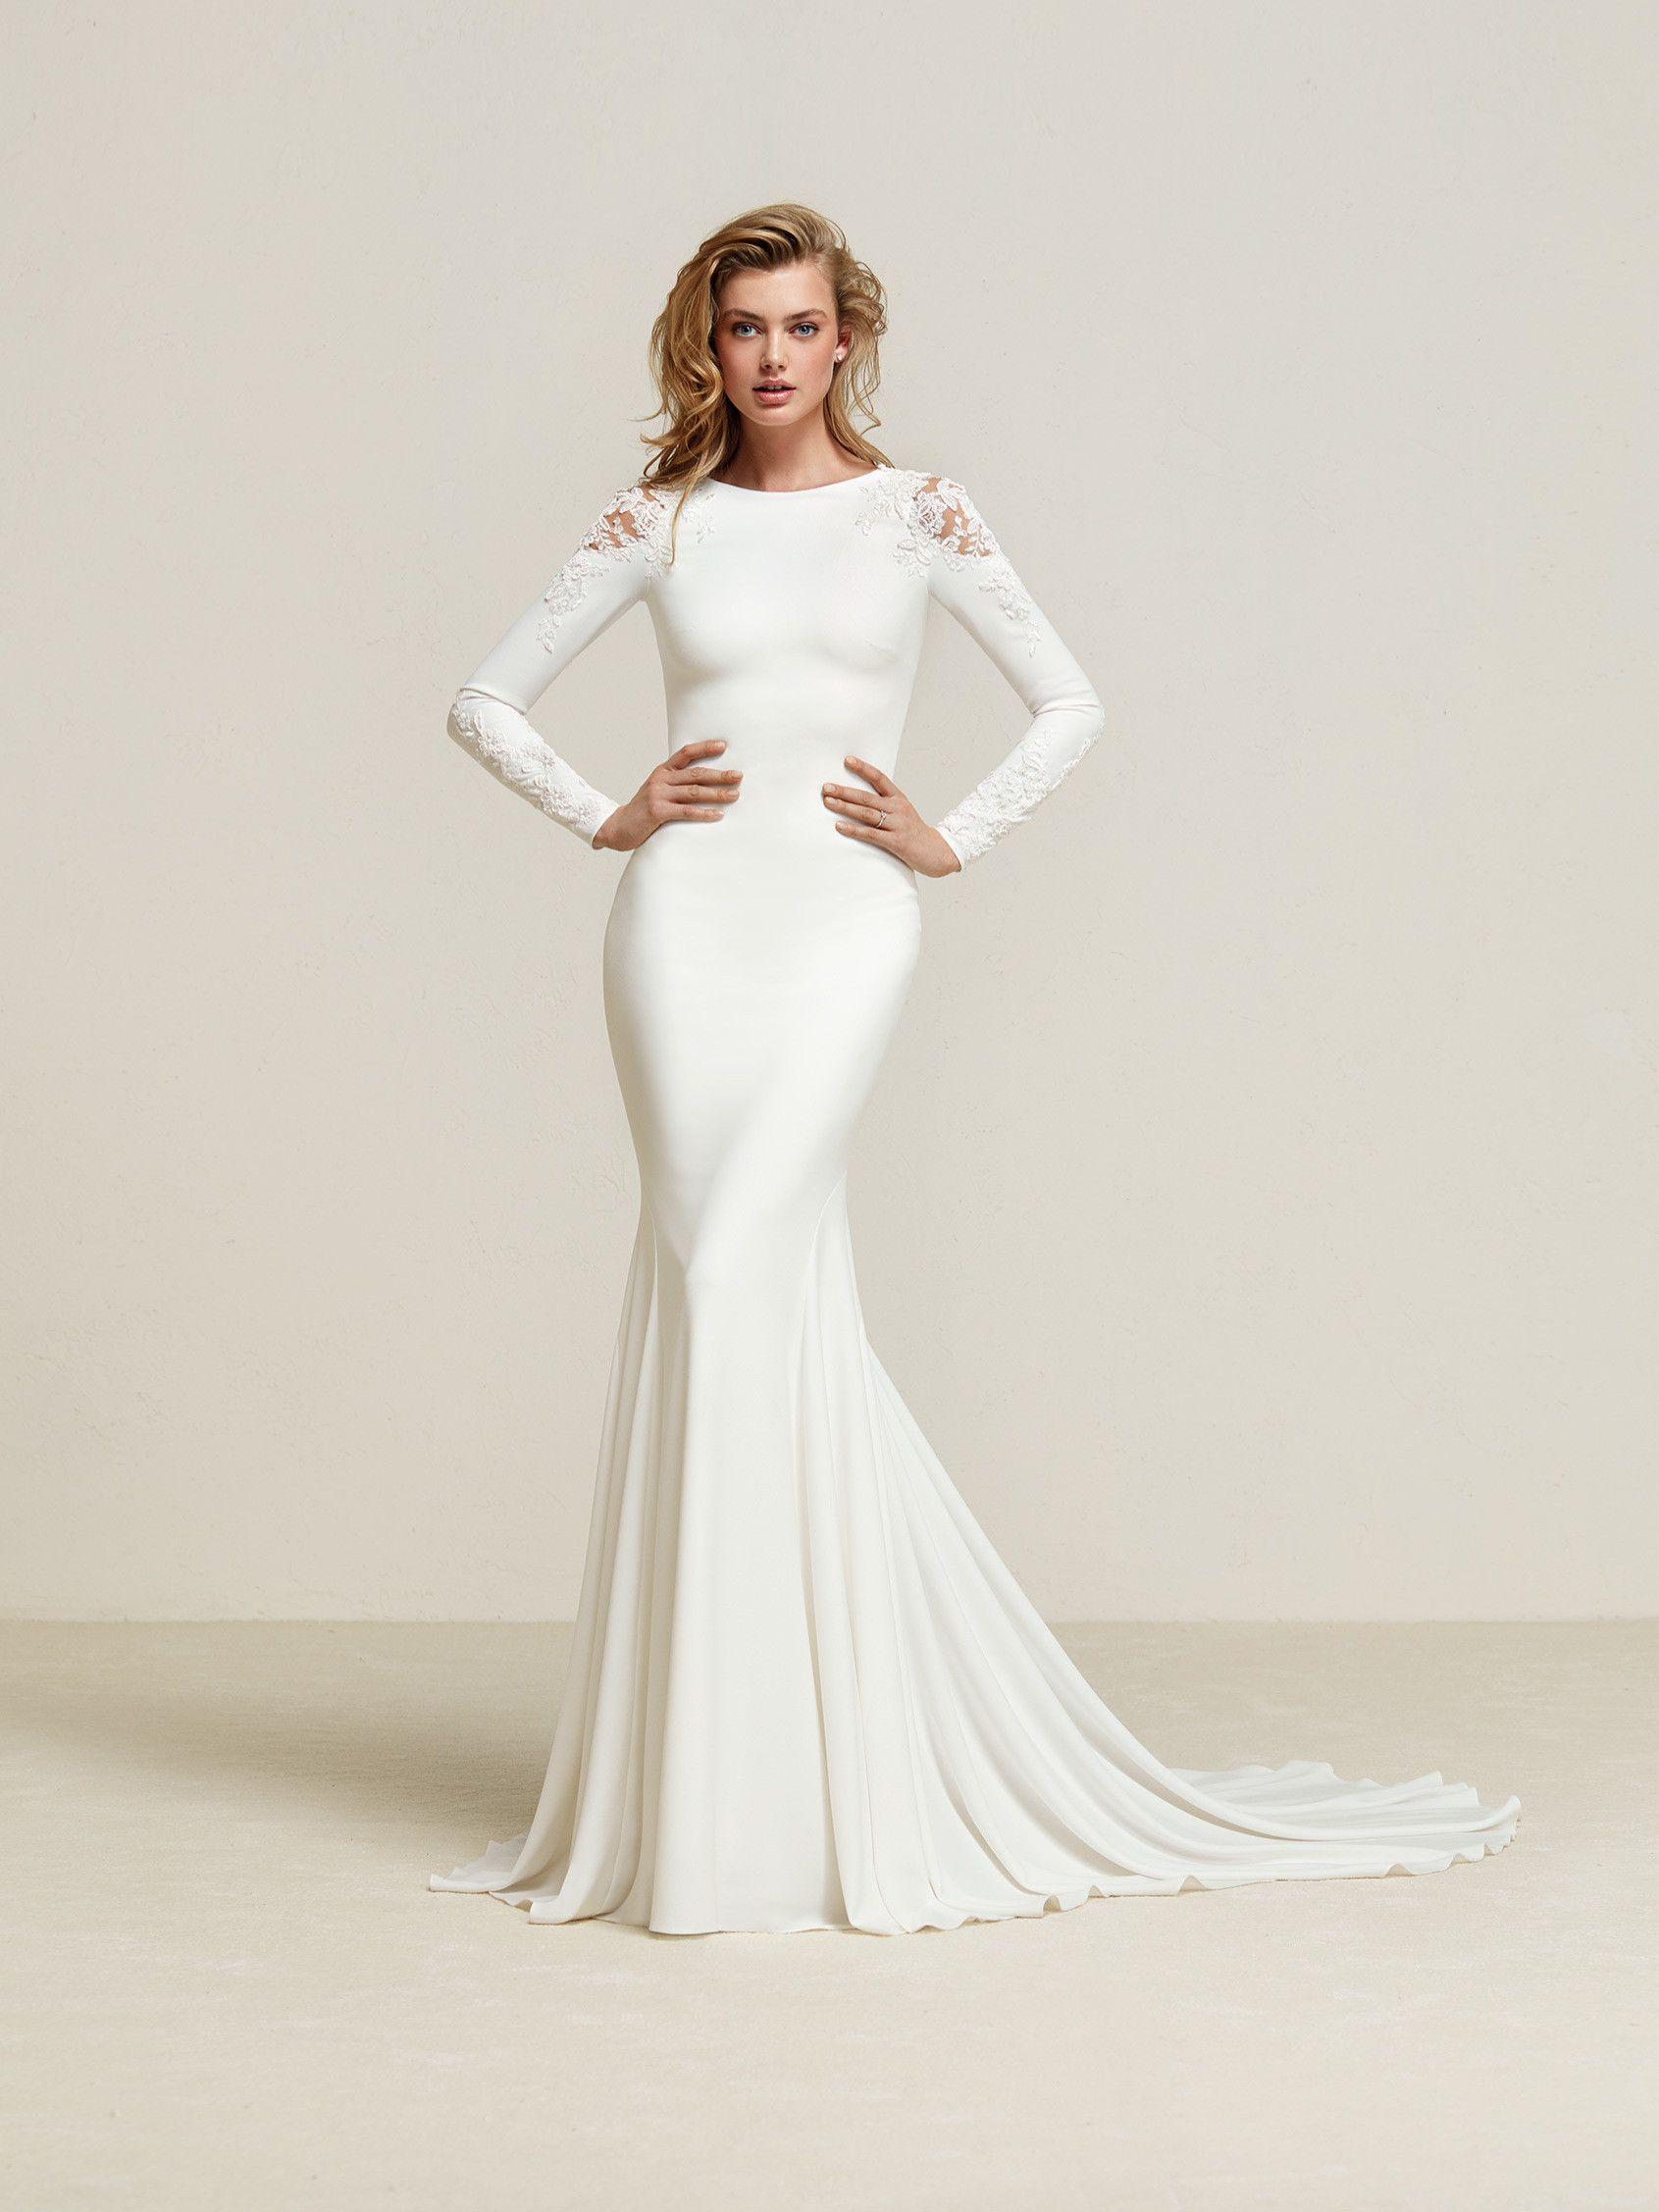 Dreide elegant mermaid style wedding dress in long sleeves and